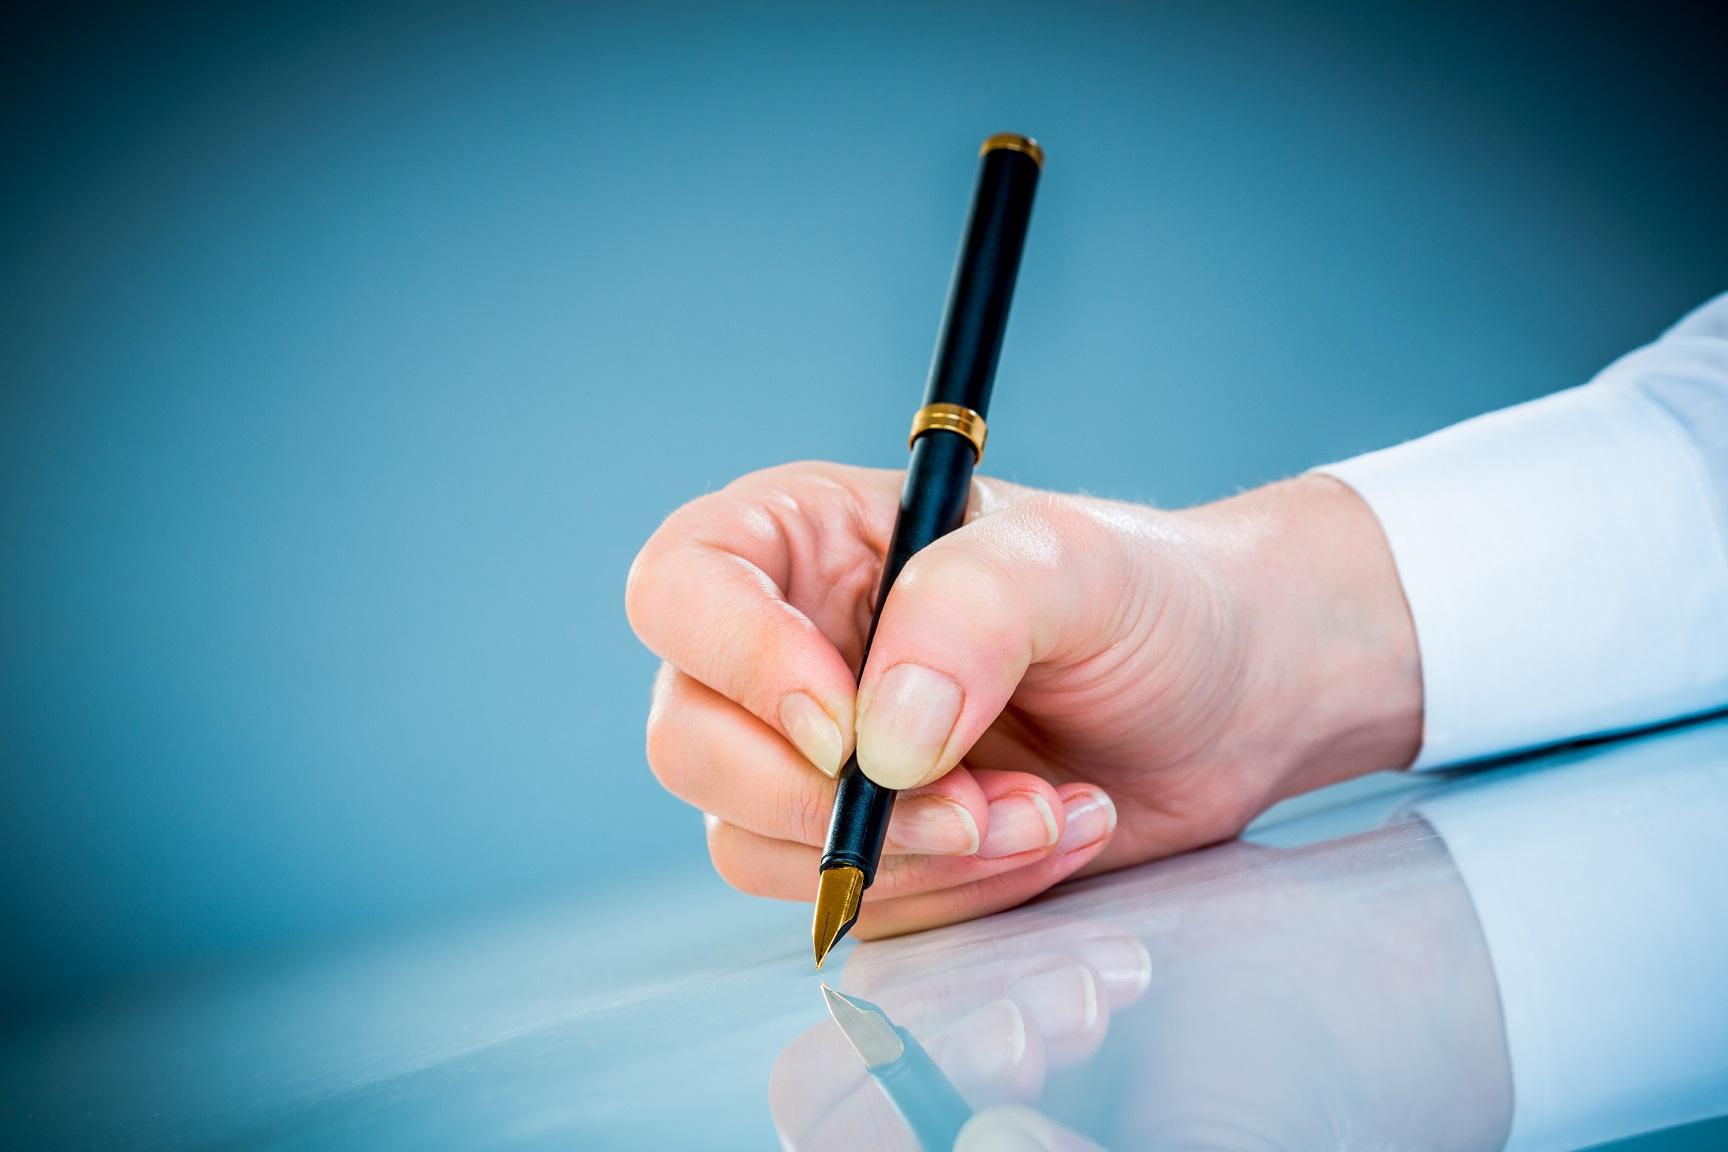 En hånd med penn